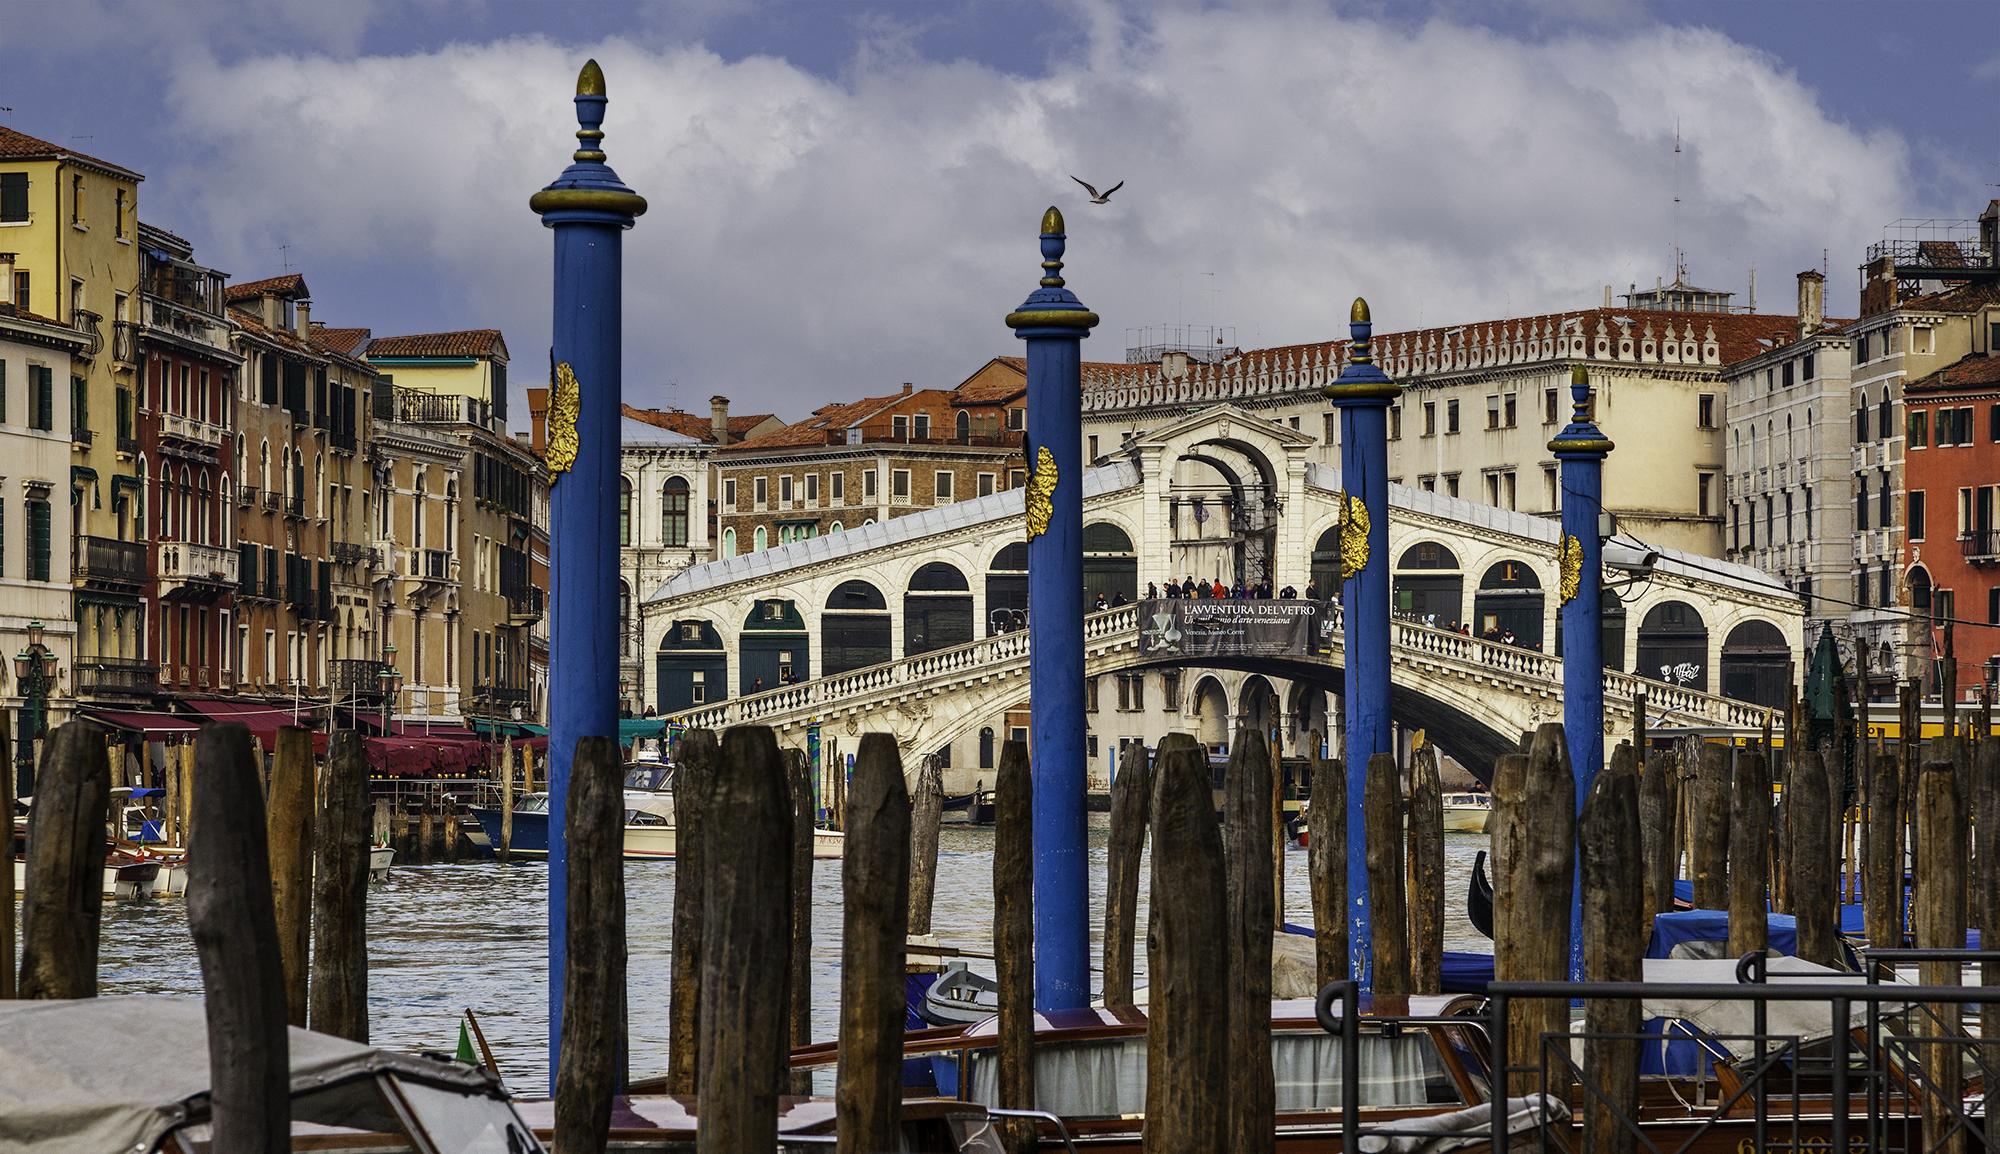 Venezia: Rialto